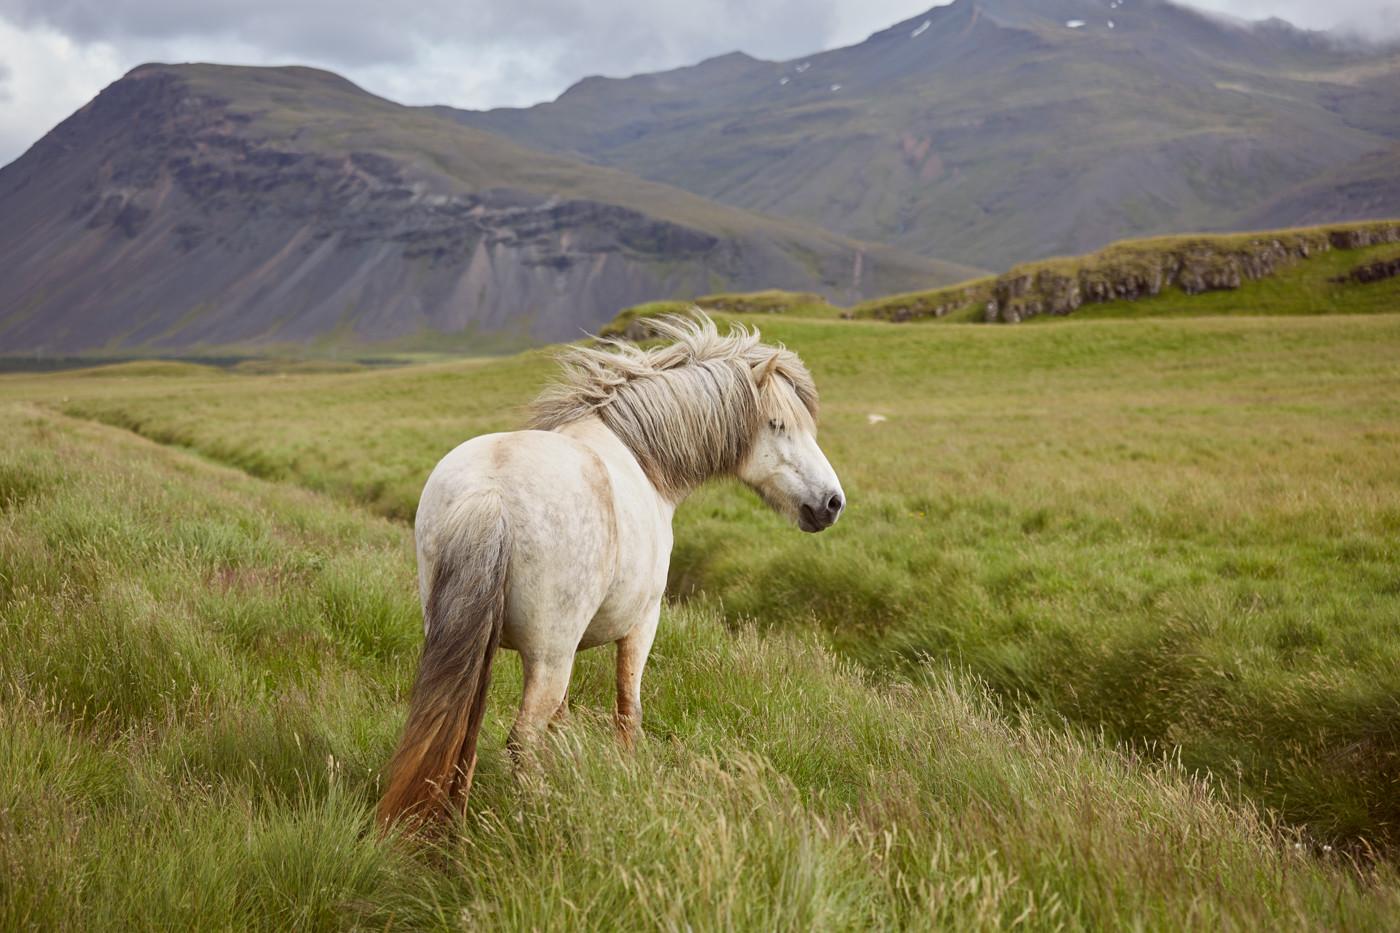 Islandpferd, weißes pferd, weiß, white, icelandic horse, iceland pony, islandpony, weide, wild, free, beautiful, wunderschön